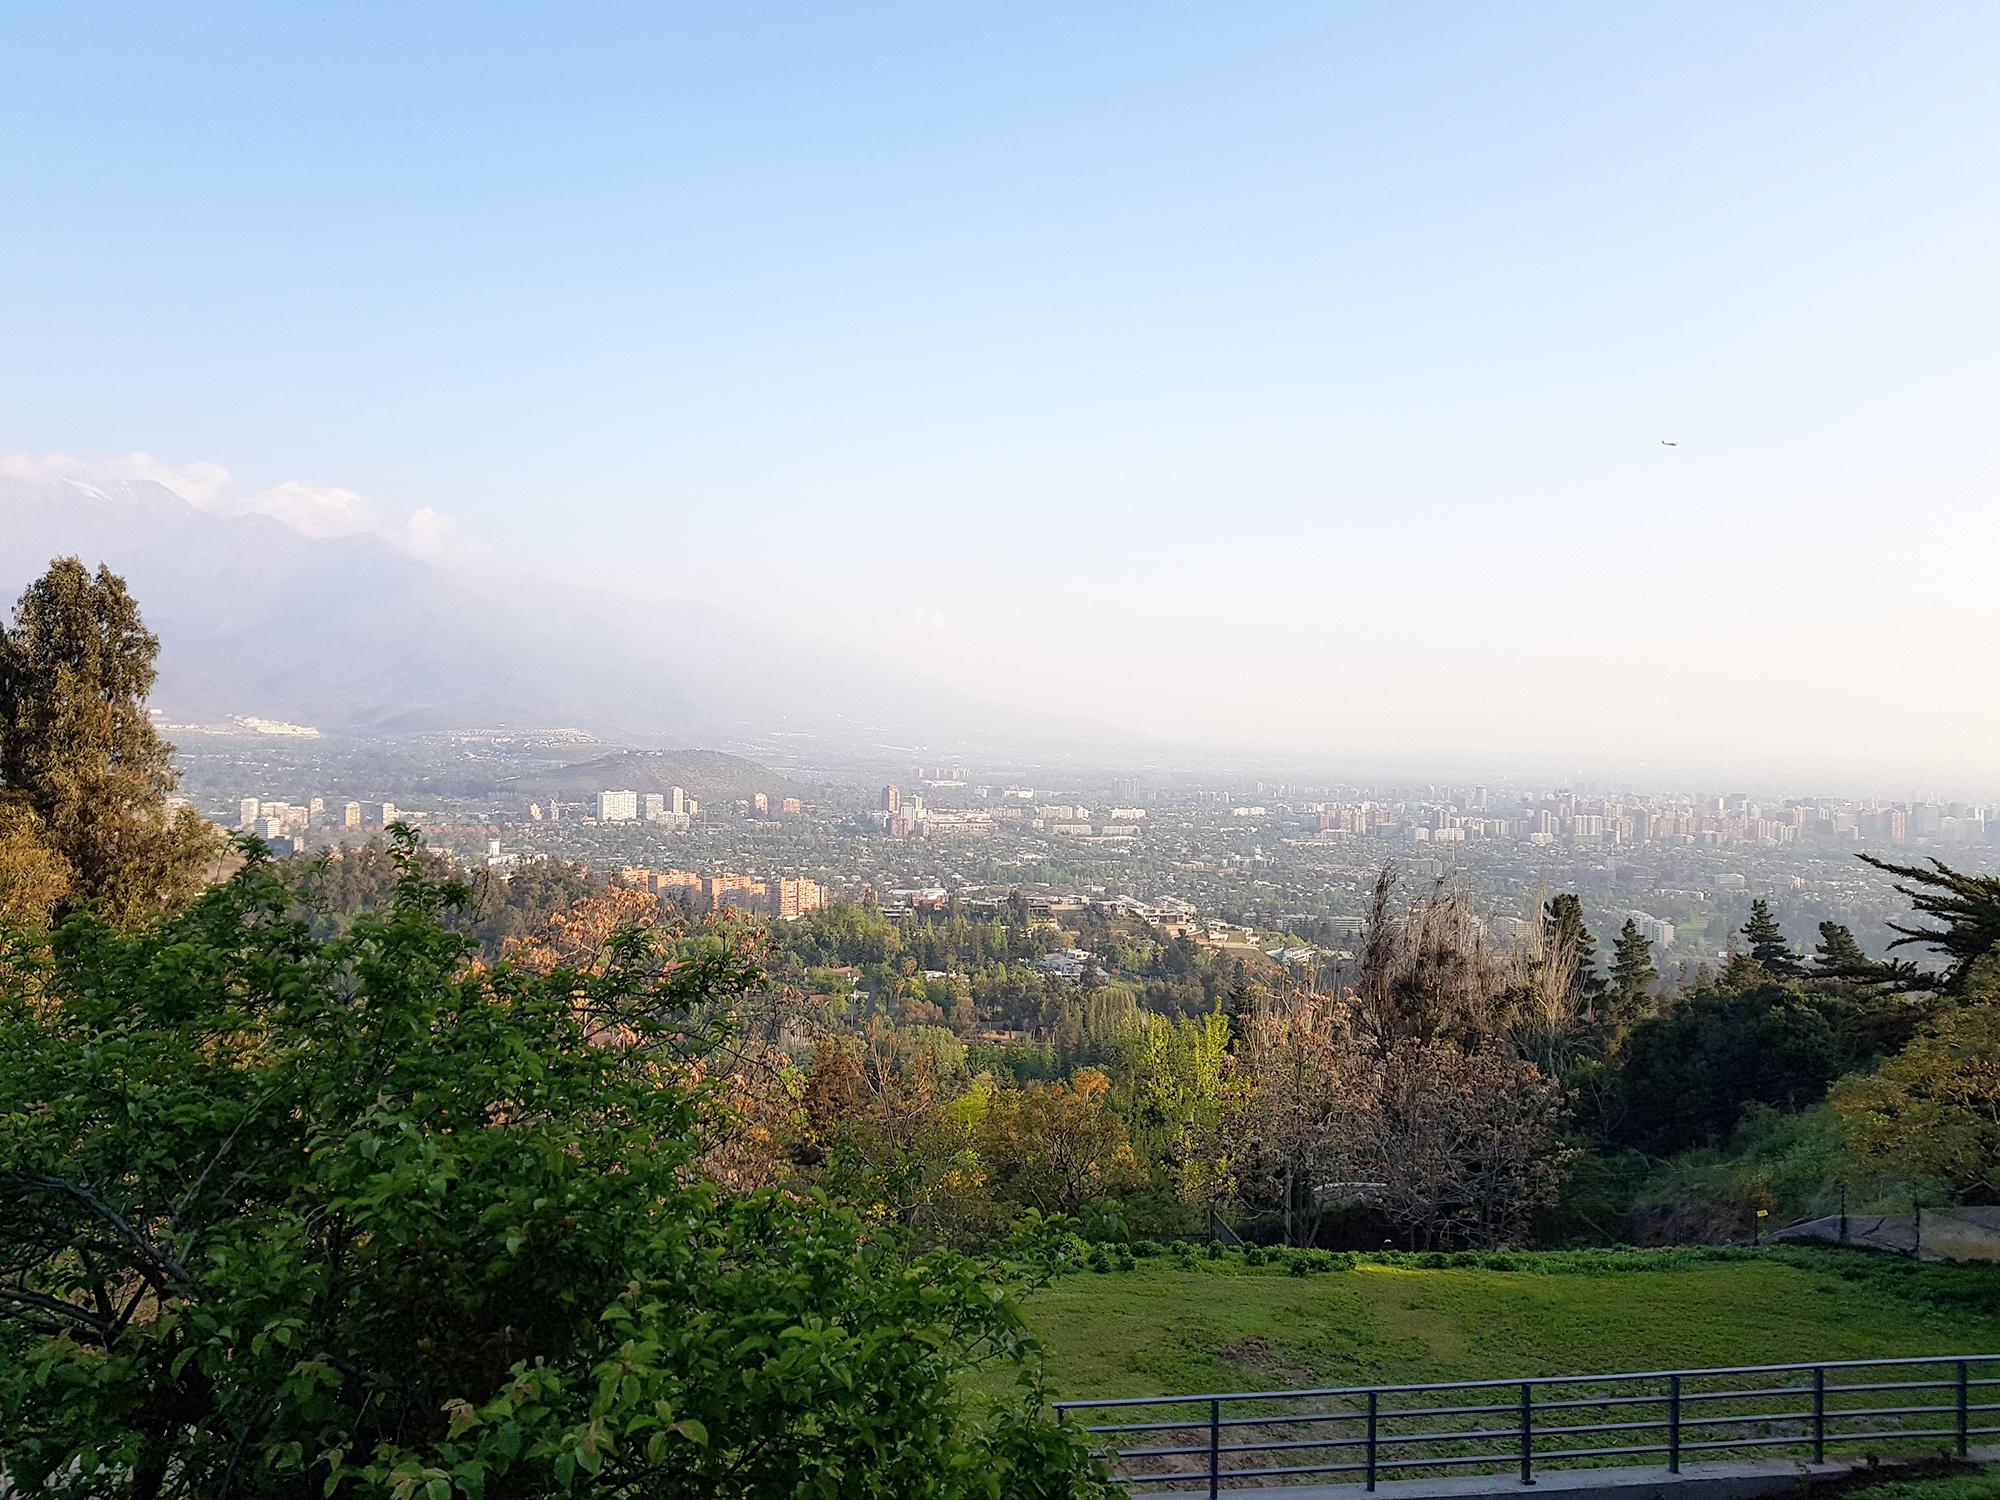 Blick auf die Millionenmetropole Santiago